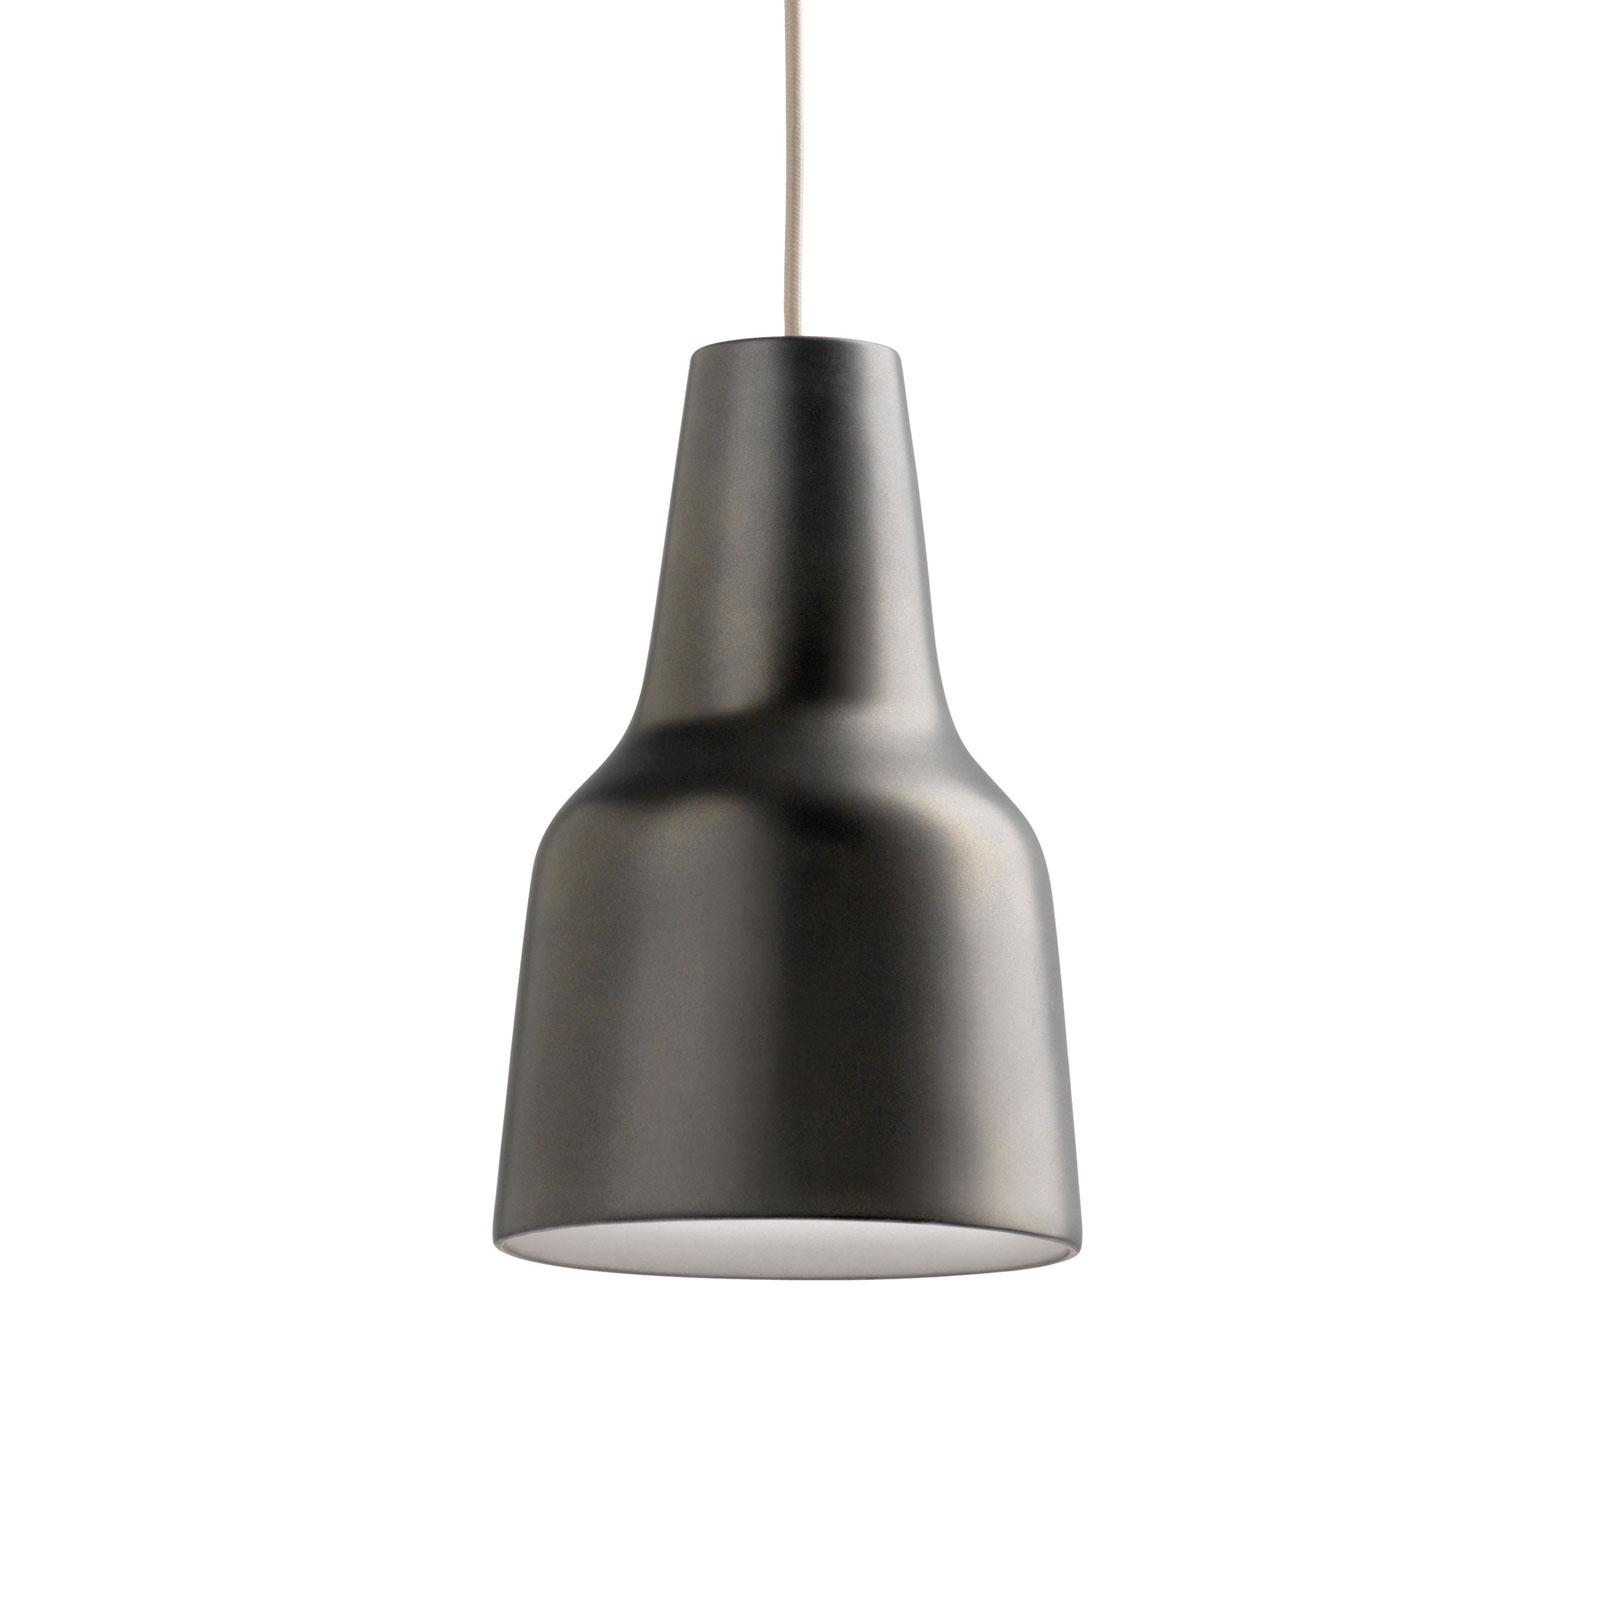 Modo Luce Eva lampa wisząca Ø 27 cm ciemnobrązowa